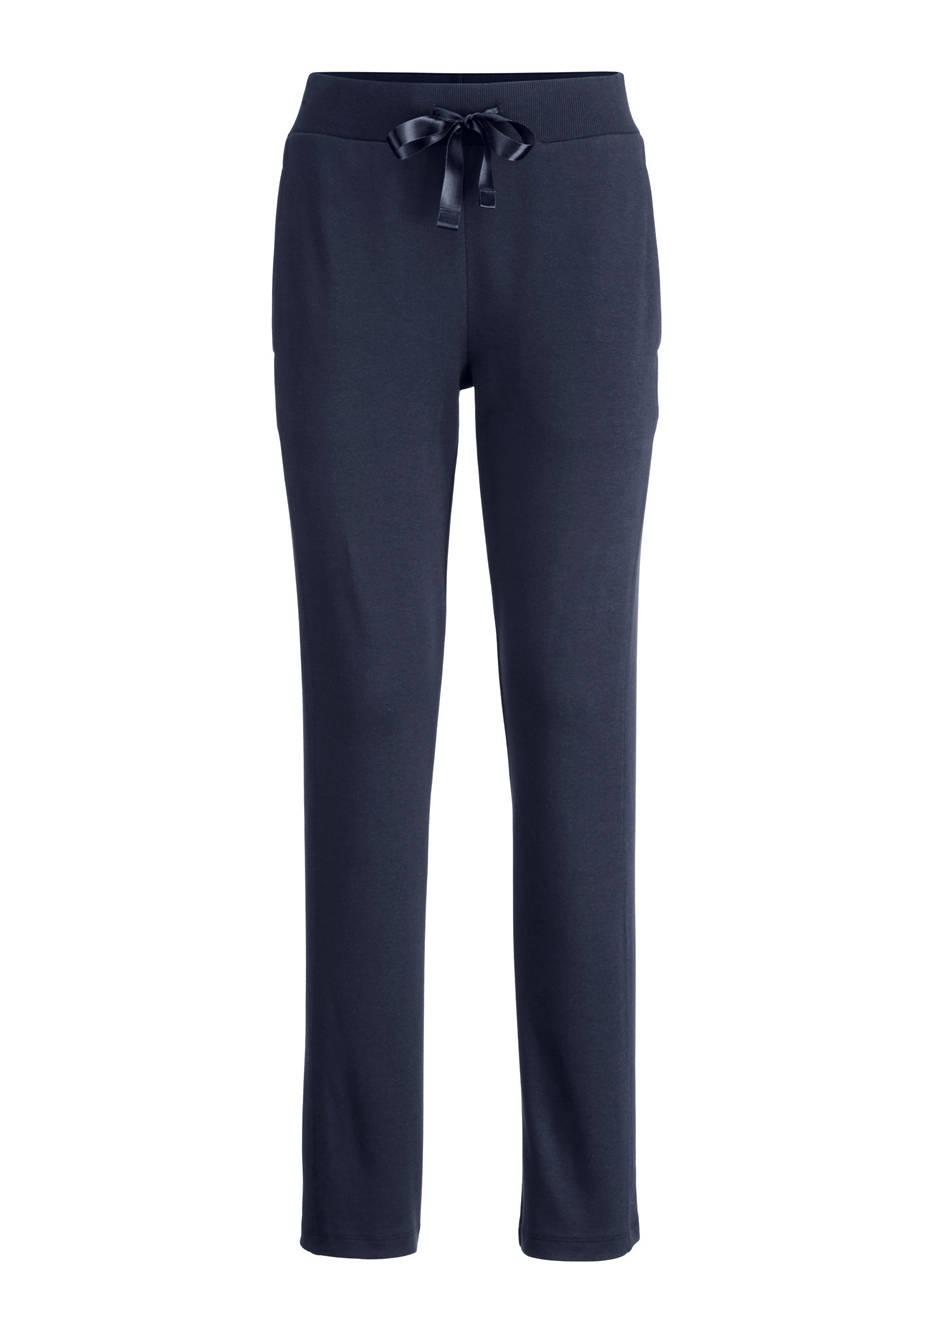 Damen Wellness-Hose mit Bio-Baumwolle und TENCEL™Modal